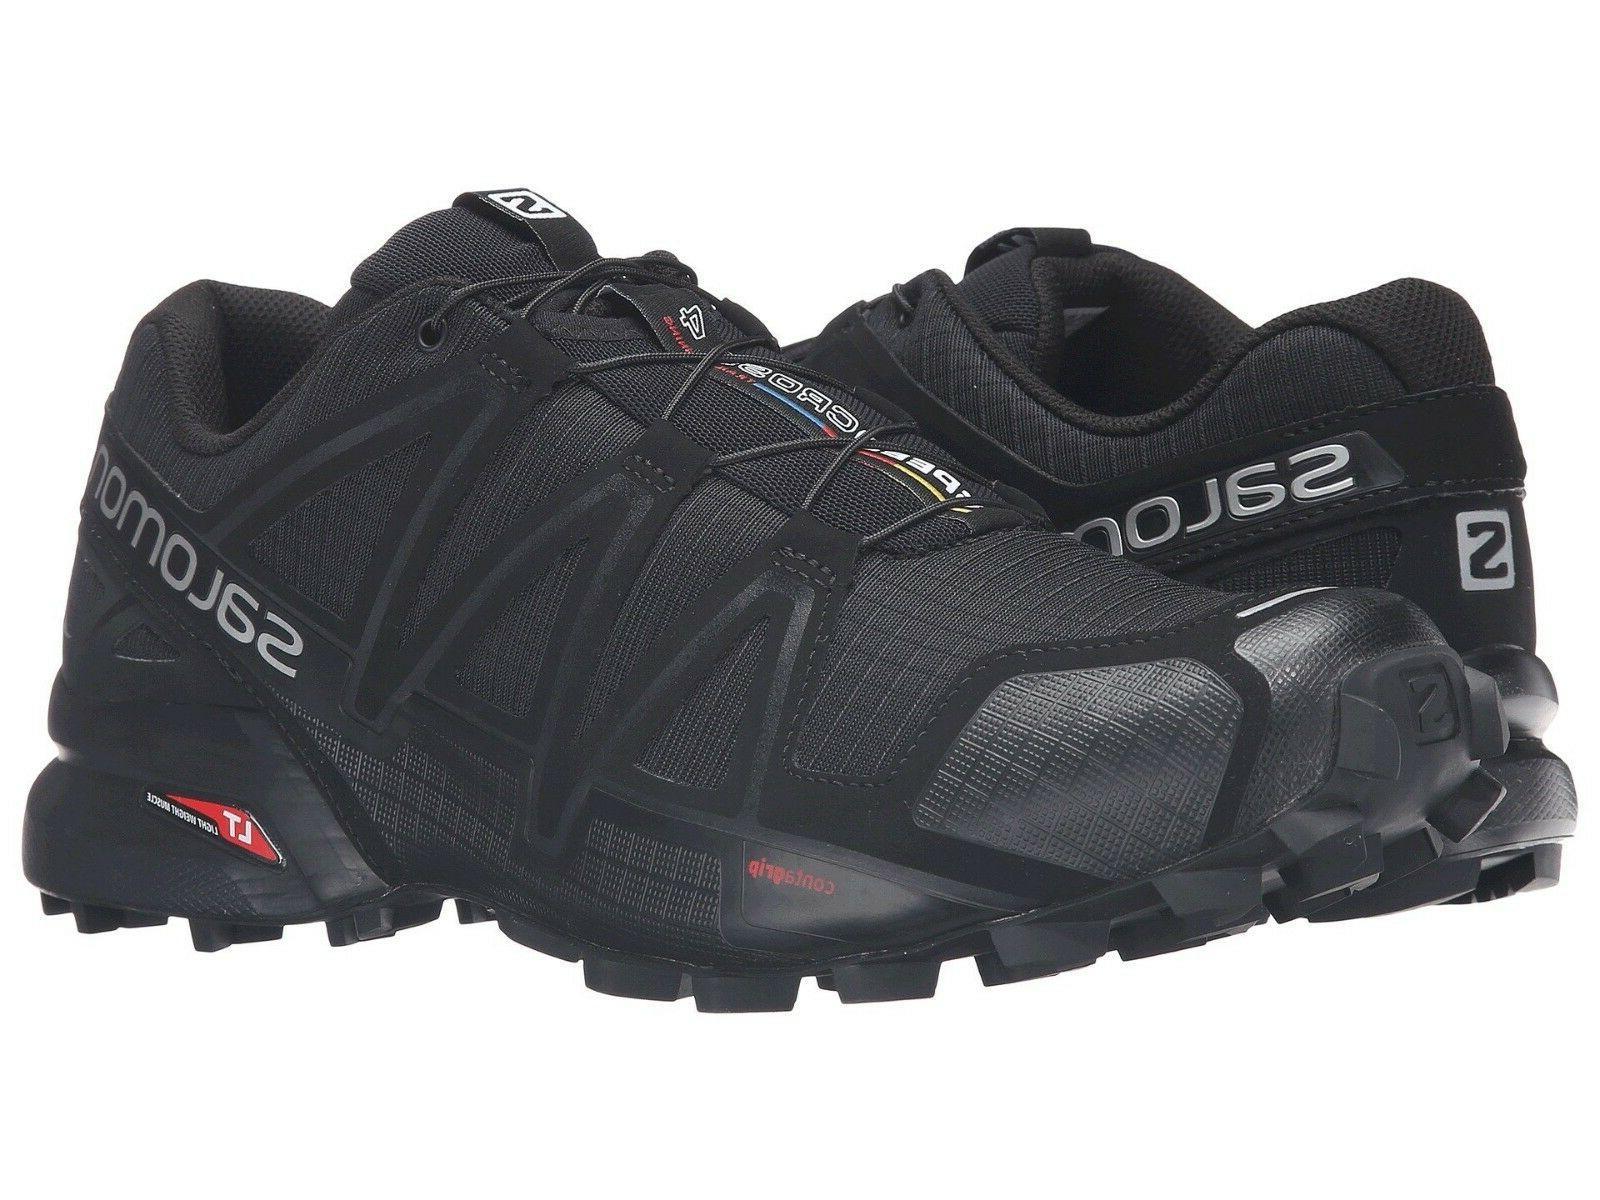 Men's Salomon Speedcross 4 Trail Running Shoes Black